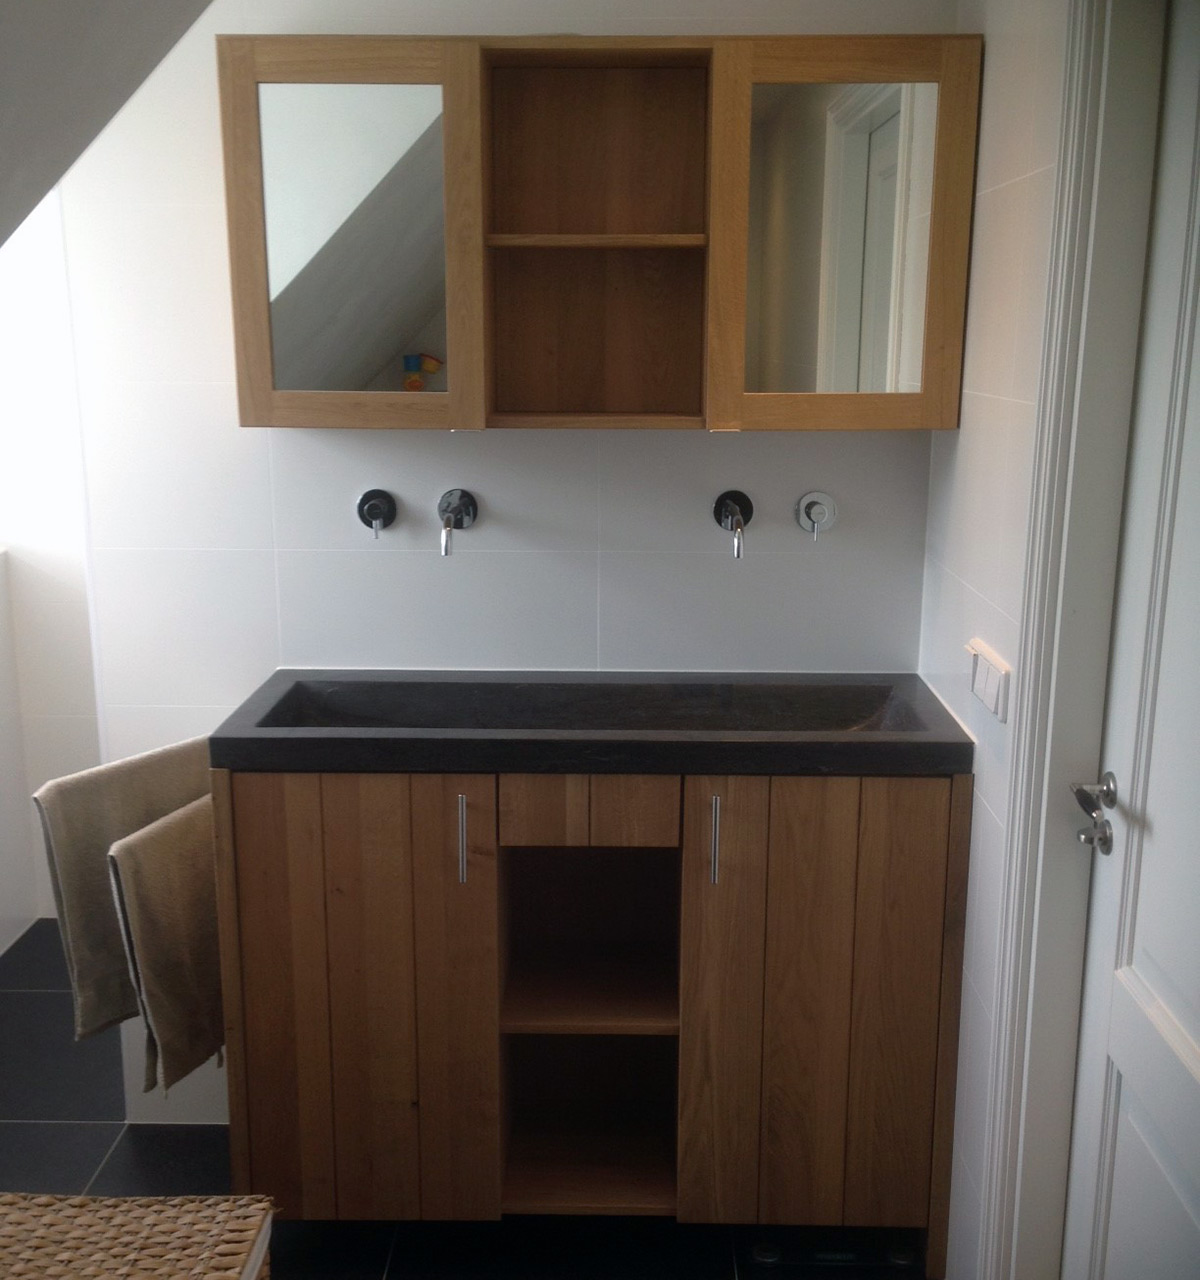 Jaloezieen Voor Badkamer ~ badkamer meubels speciaal voor de badkamer gemaakt wastafels kasten en